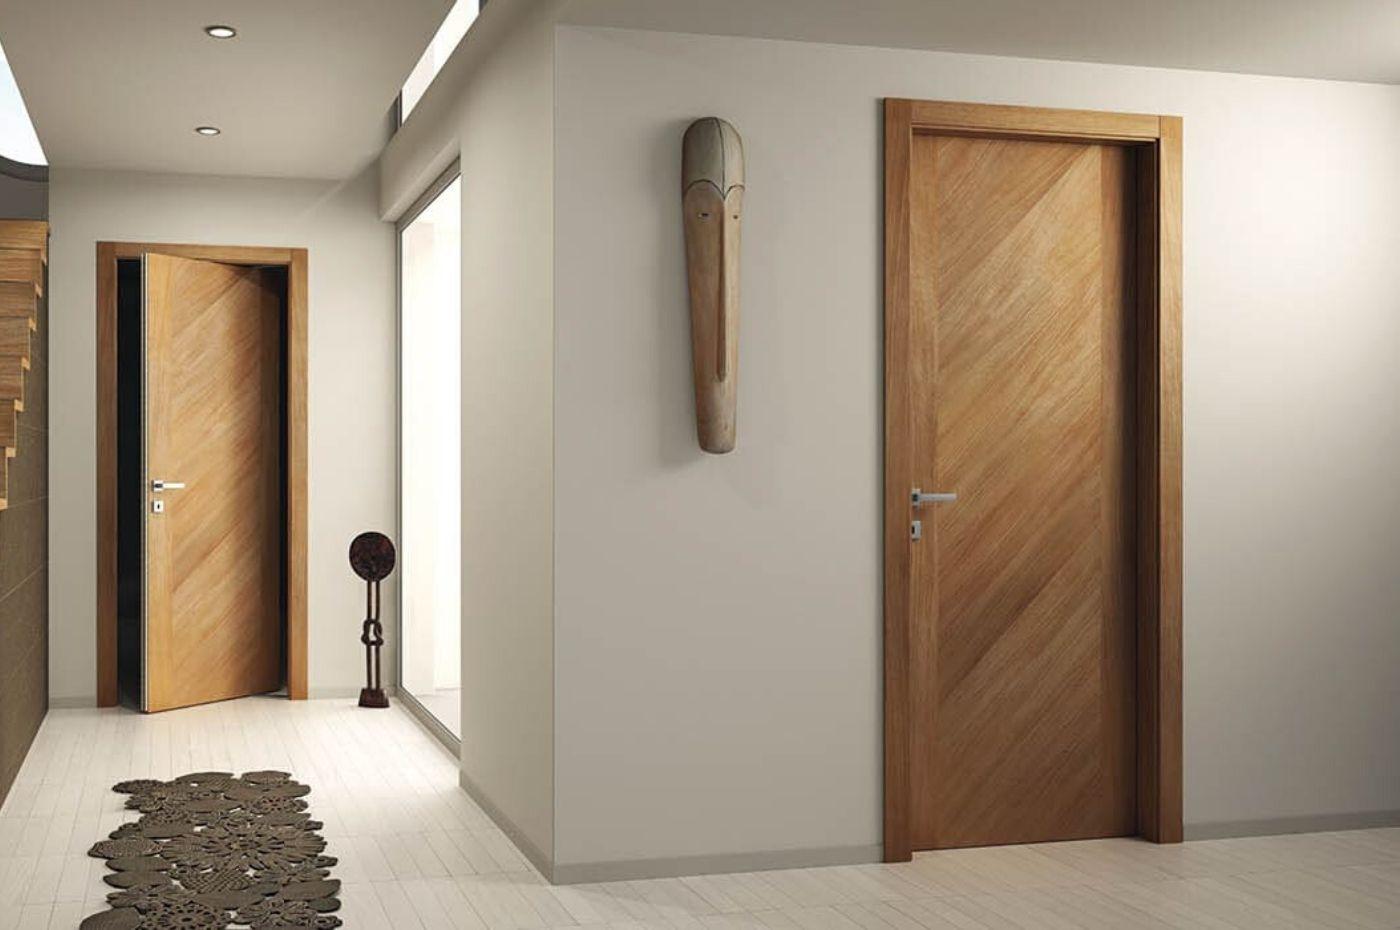 Cửa gỗ công nghiệp hdf được làm từ gỗ hdf đã qua xử lý